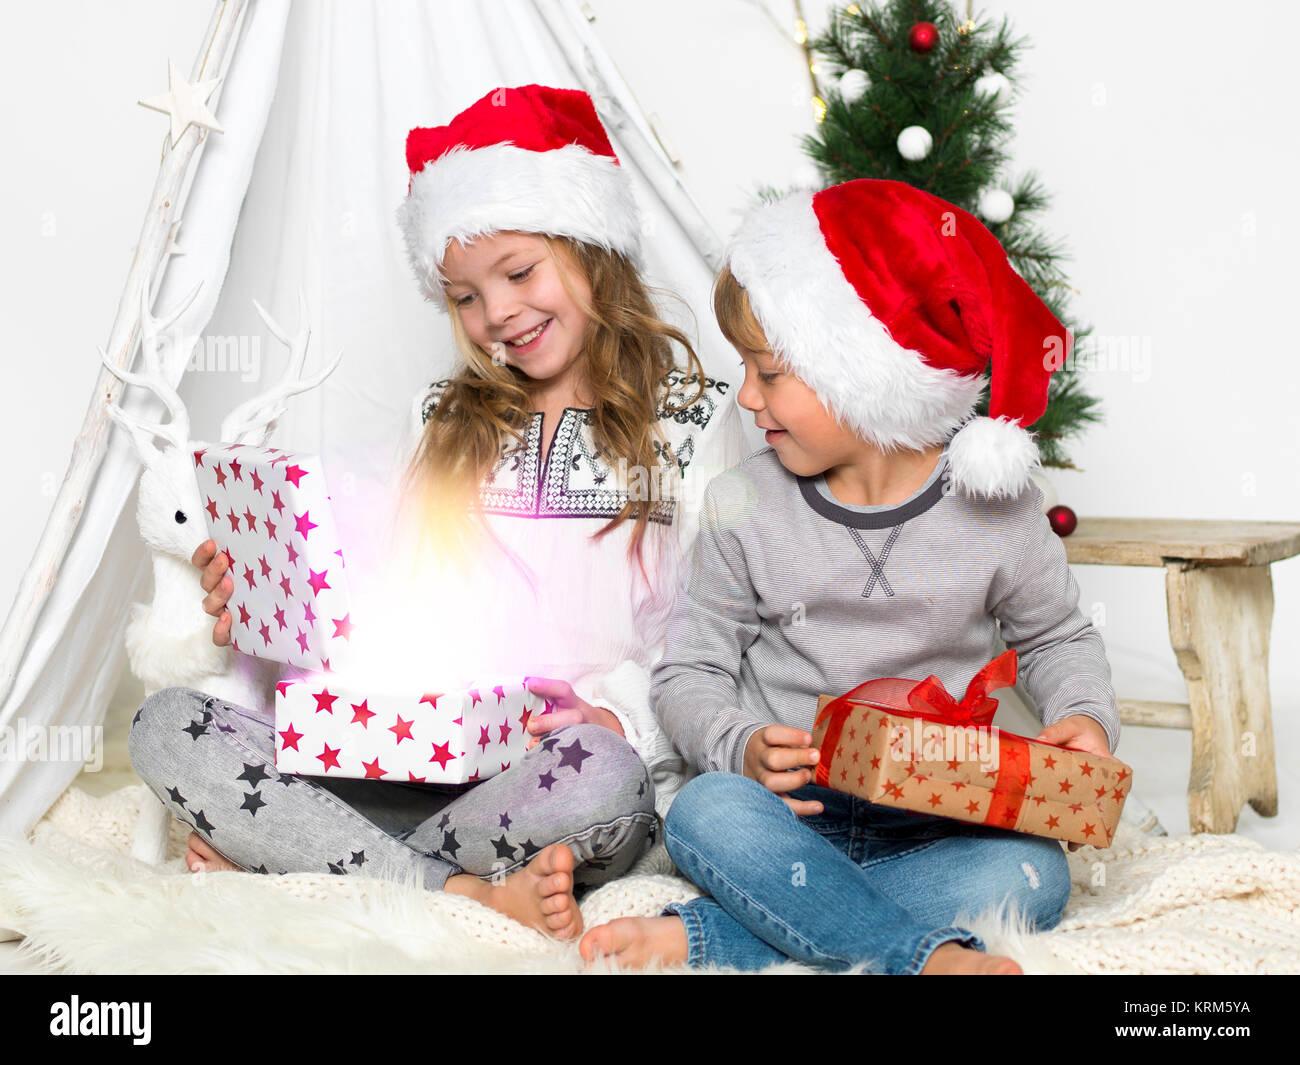 Frère et soeur quand geschenkeauspacken Photo Stock